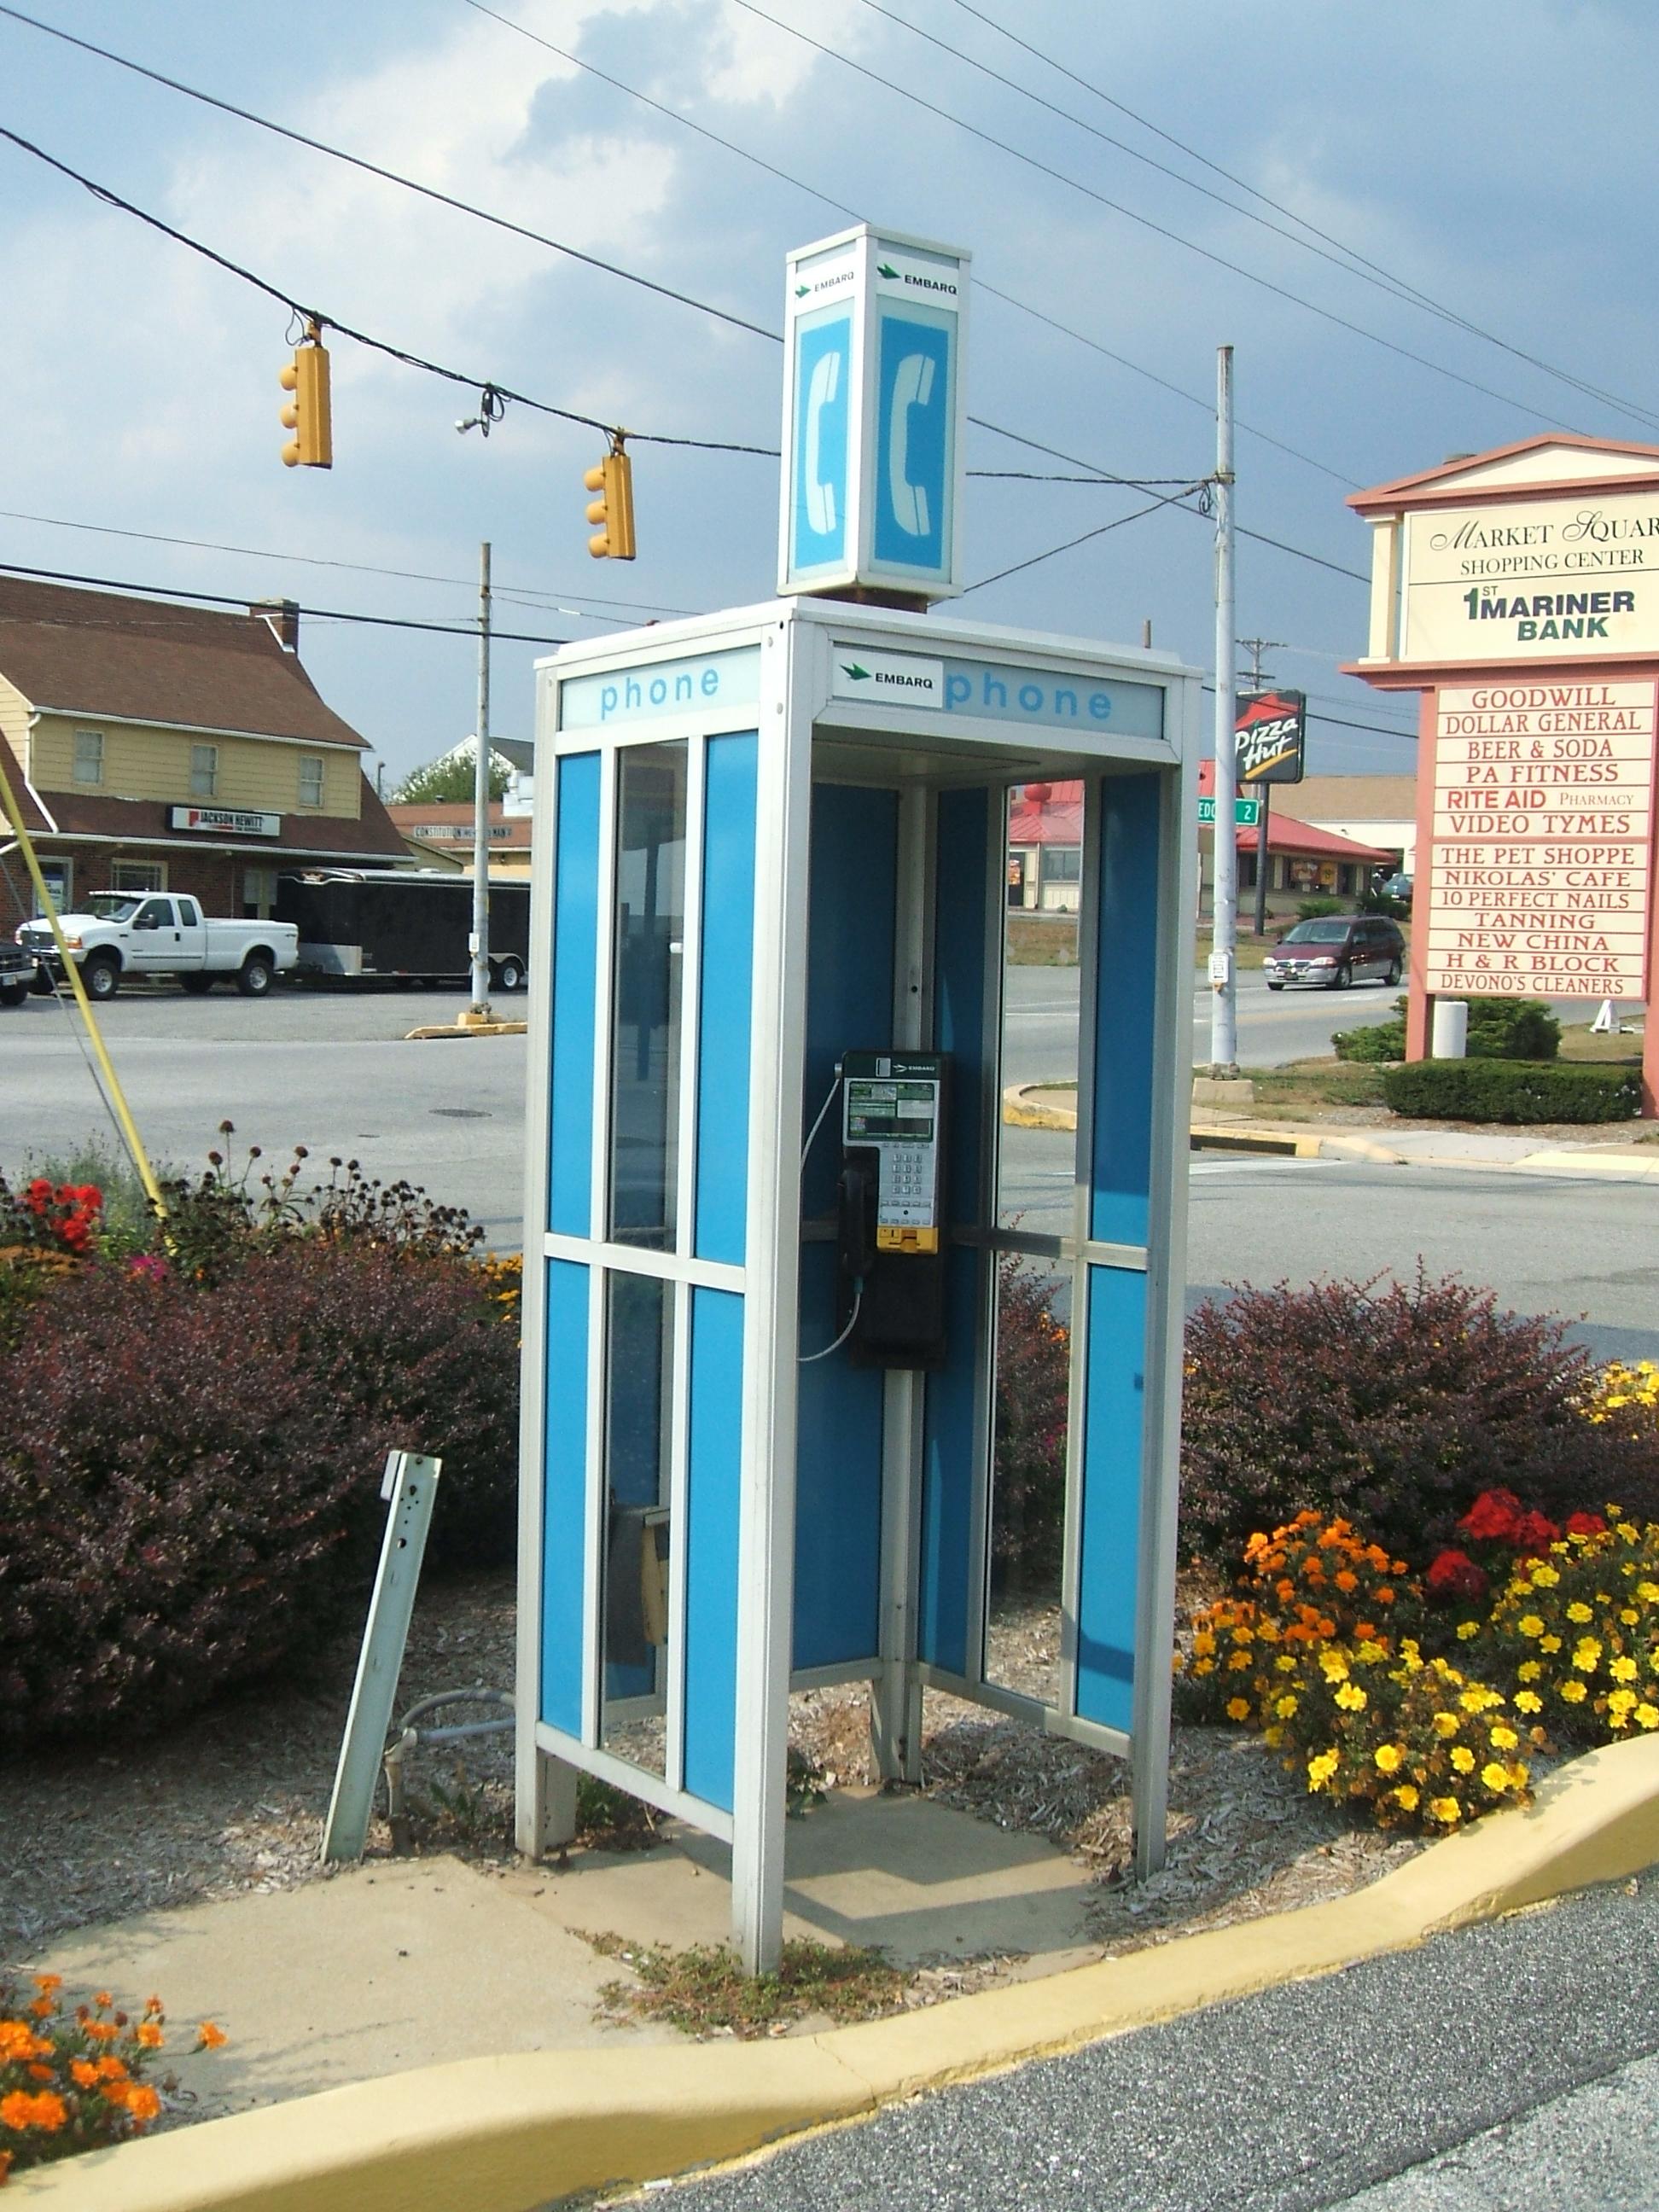 místní telefonní linky